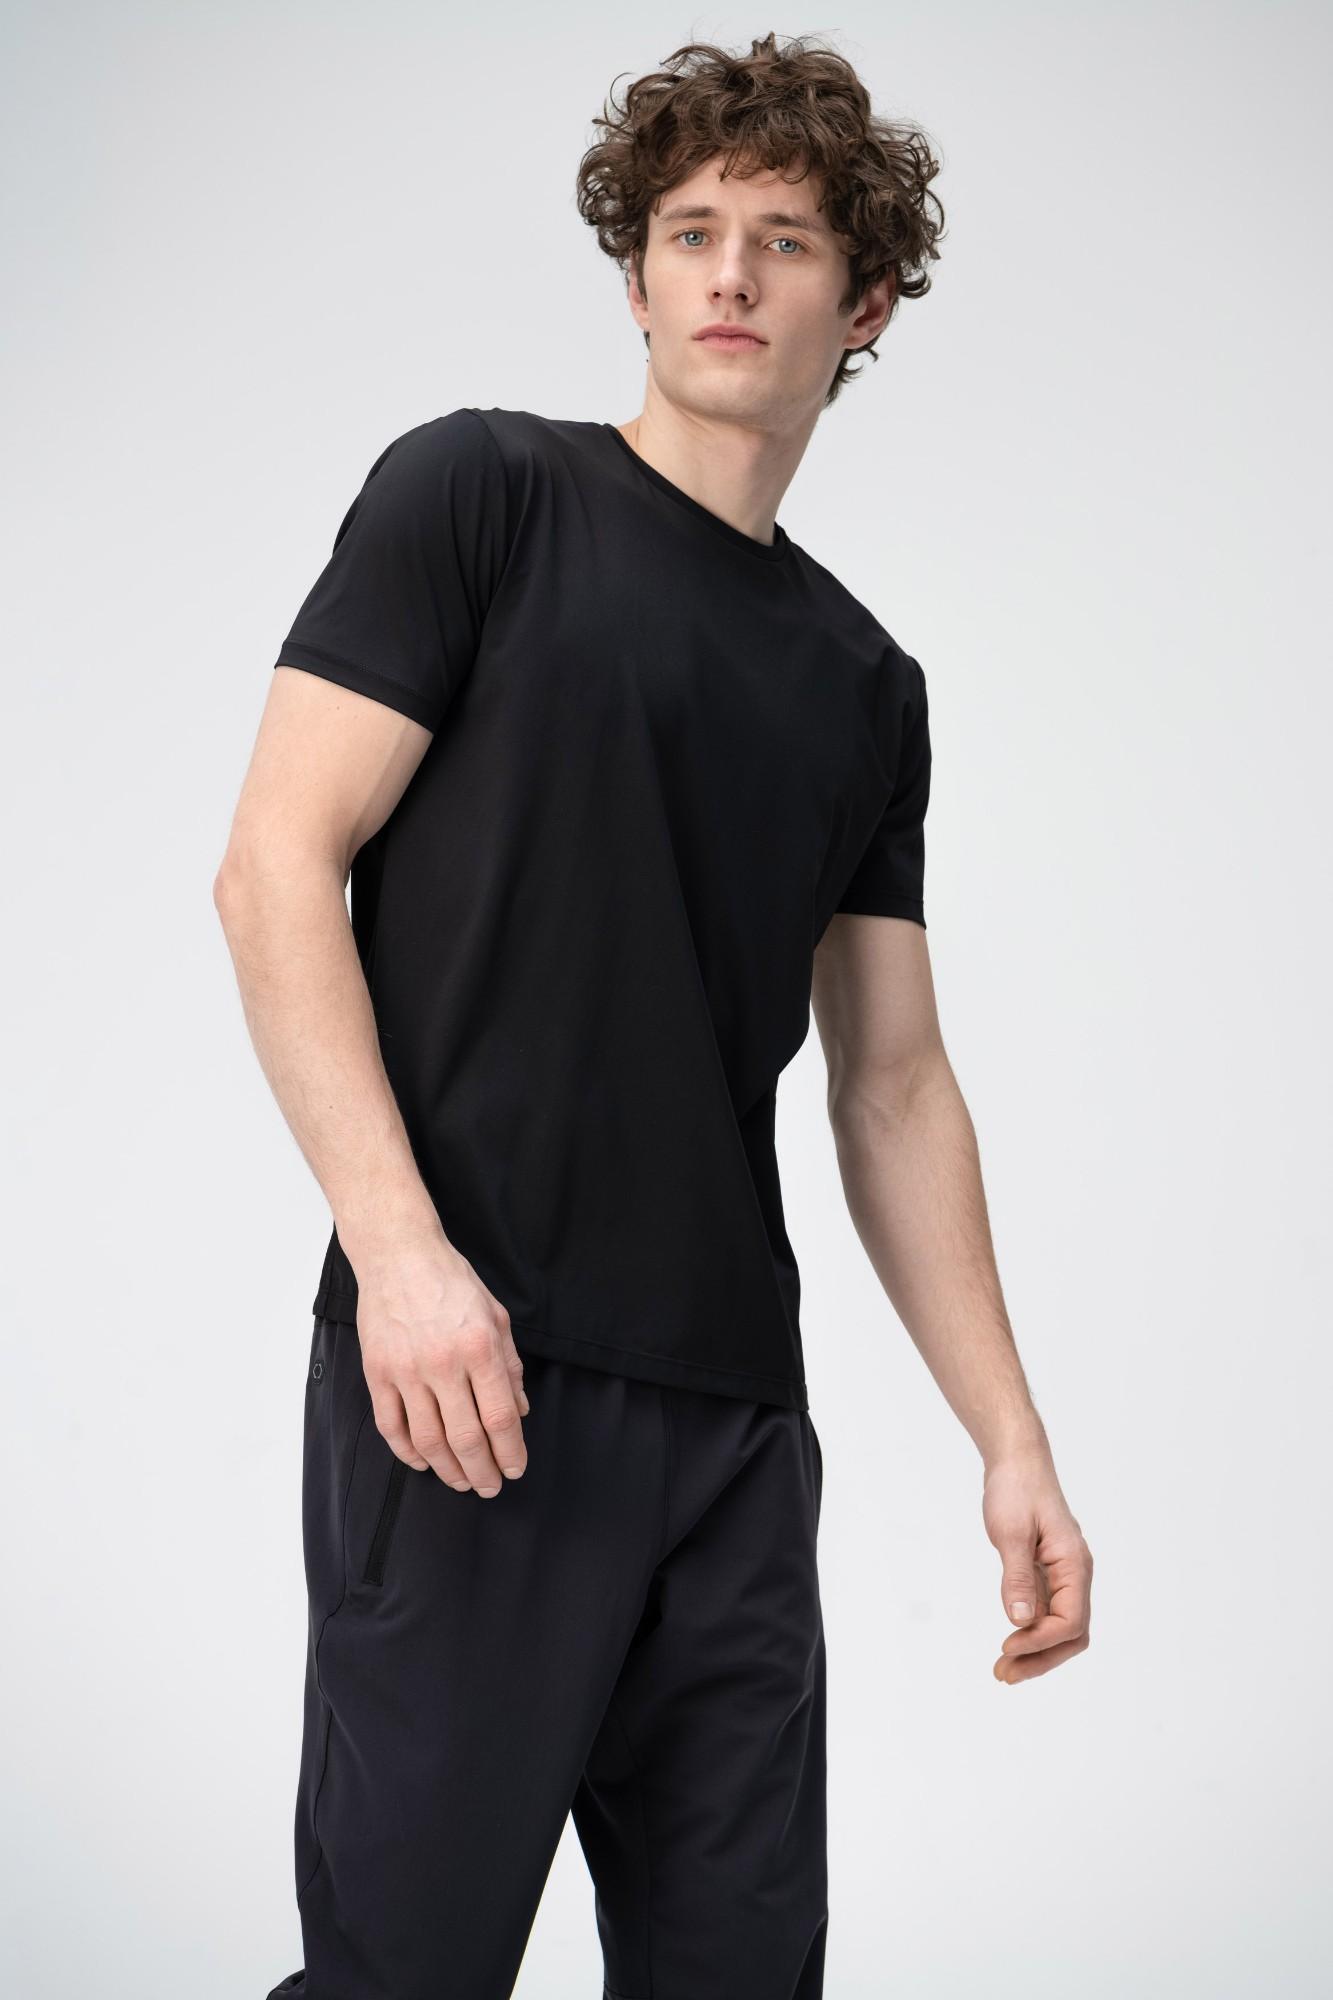 AUDIMAS Apranga Funkcionalūs marškinėliai 1811-495 Black M